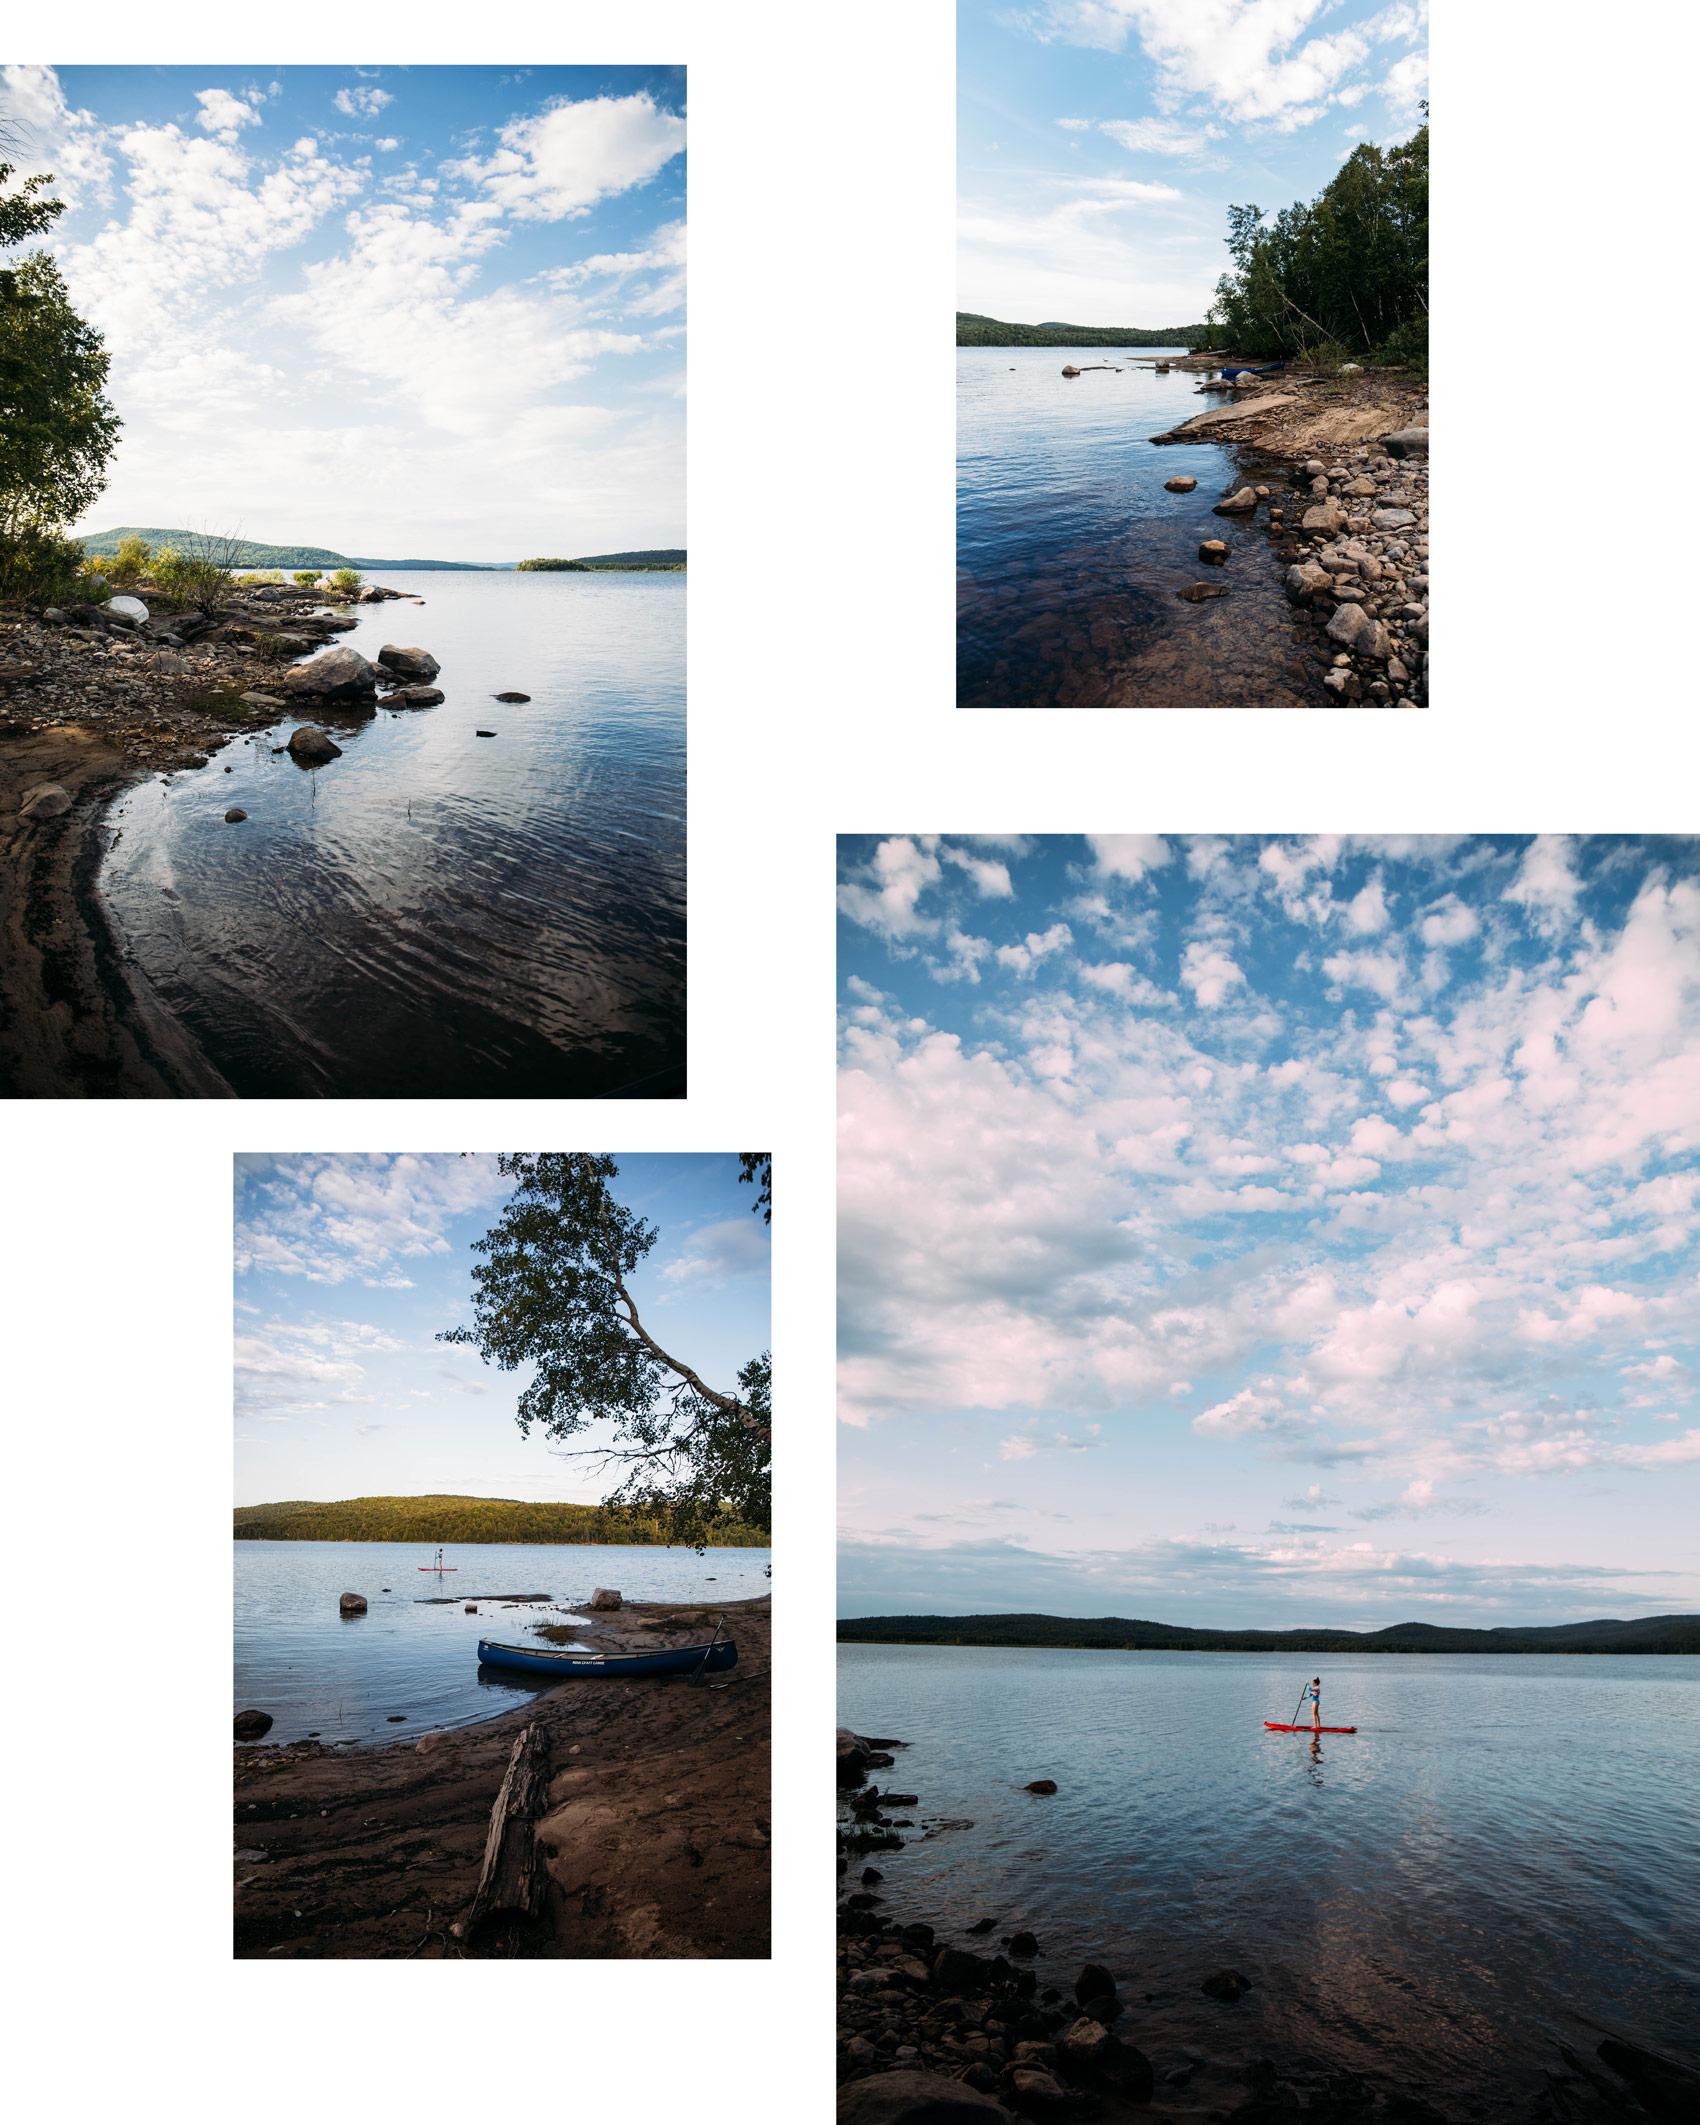 découverte du parc régional Kiamika dans les Laurentides